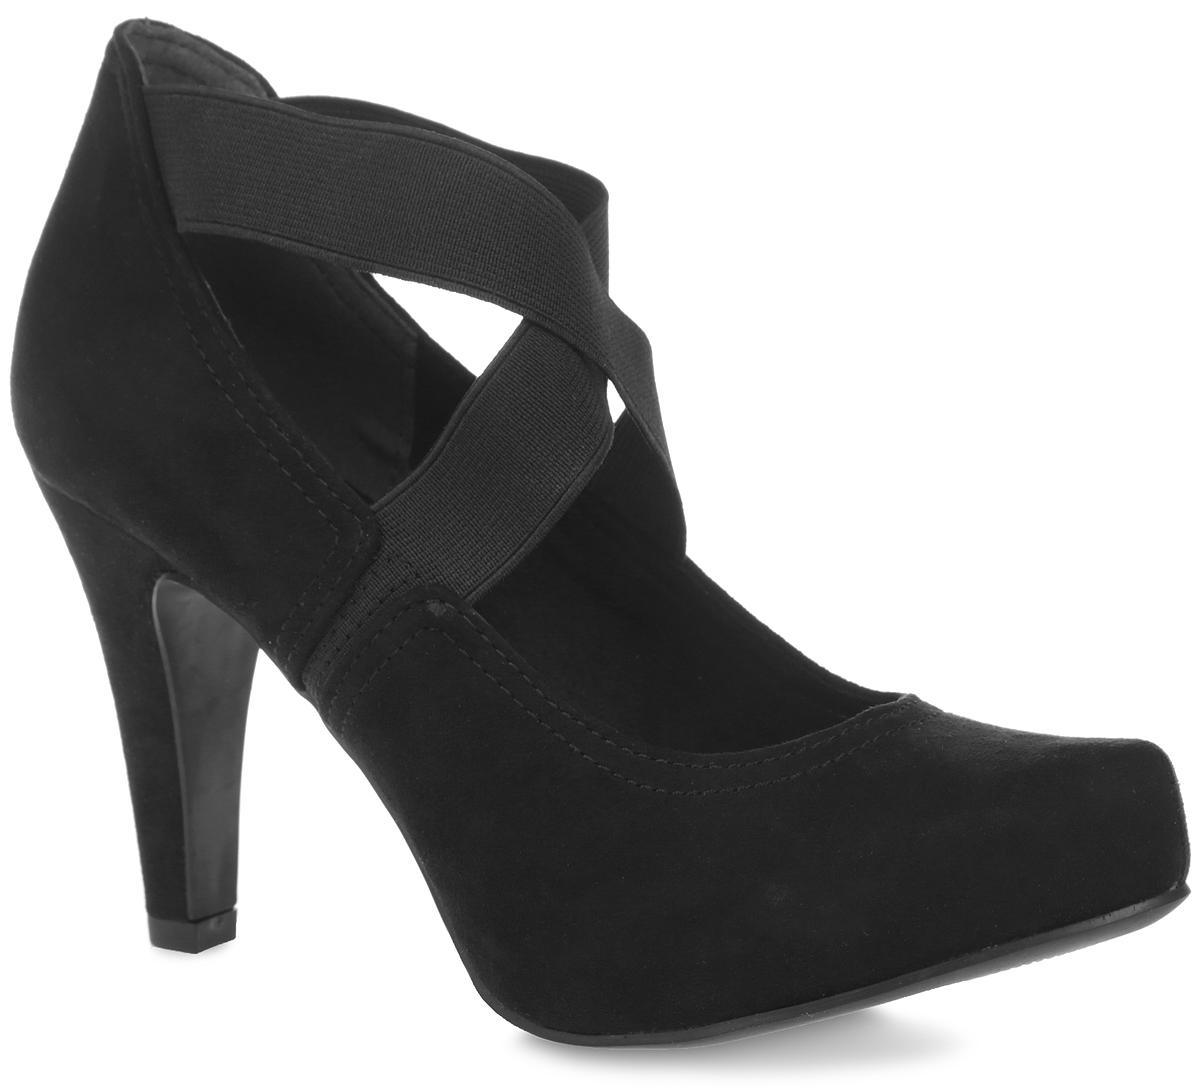 2-2-24404-26-001Стильные женские туфли от Marco Tozzi покорят вас с первого взгляда. Модель выполнена из текстиля под замшу. Подъем дополнен резинками, которые обеспечиваю надежную фиксацию модели на ноге. Подкладка изготовлена из текстиля и искусственных материалов. Стелька из искусственной кожи обеспечит комфорт при движении. Высокий каблук компенсирован скрытой платформой. Подошва с рифлением обеспечивает отличное сцепление с поверхностью. Стильные туфли станут прекрасным завершением вашего модного образа.